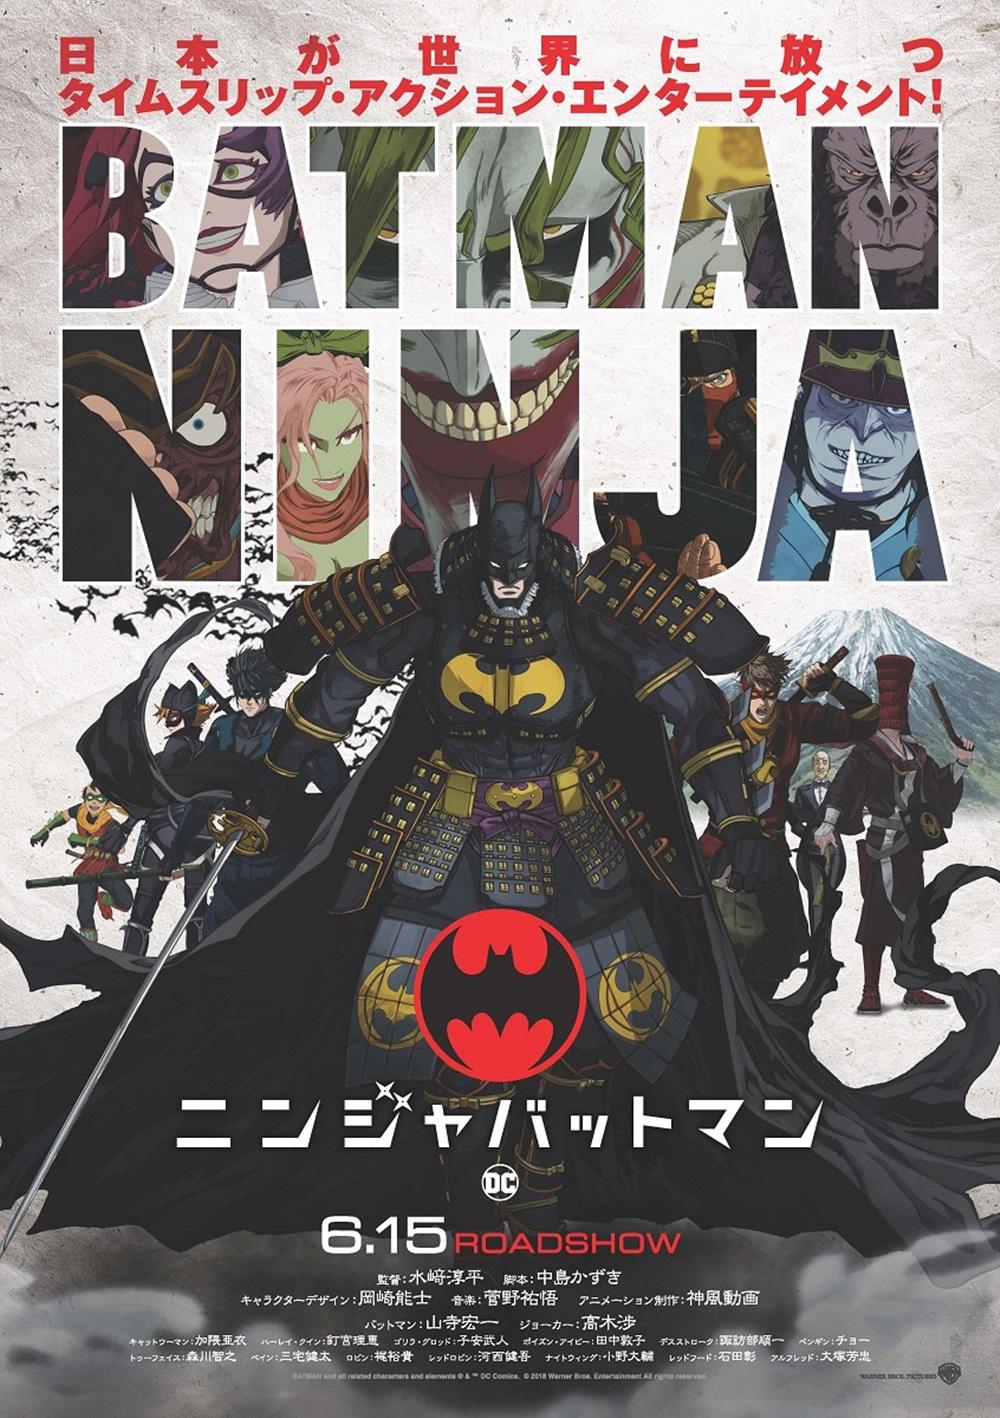 【画像】映画『ニンジャバットマン』ポスタービジュアル